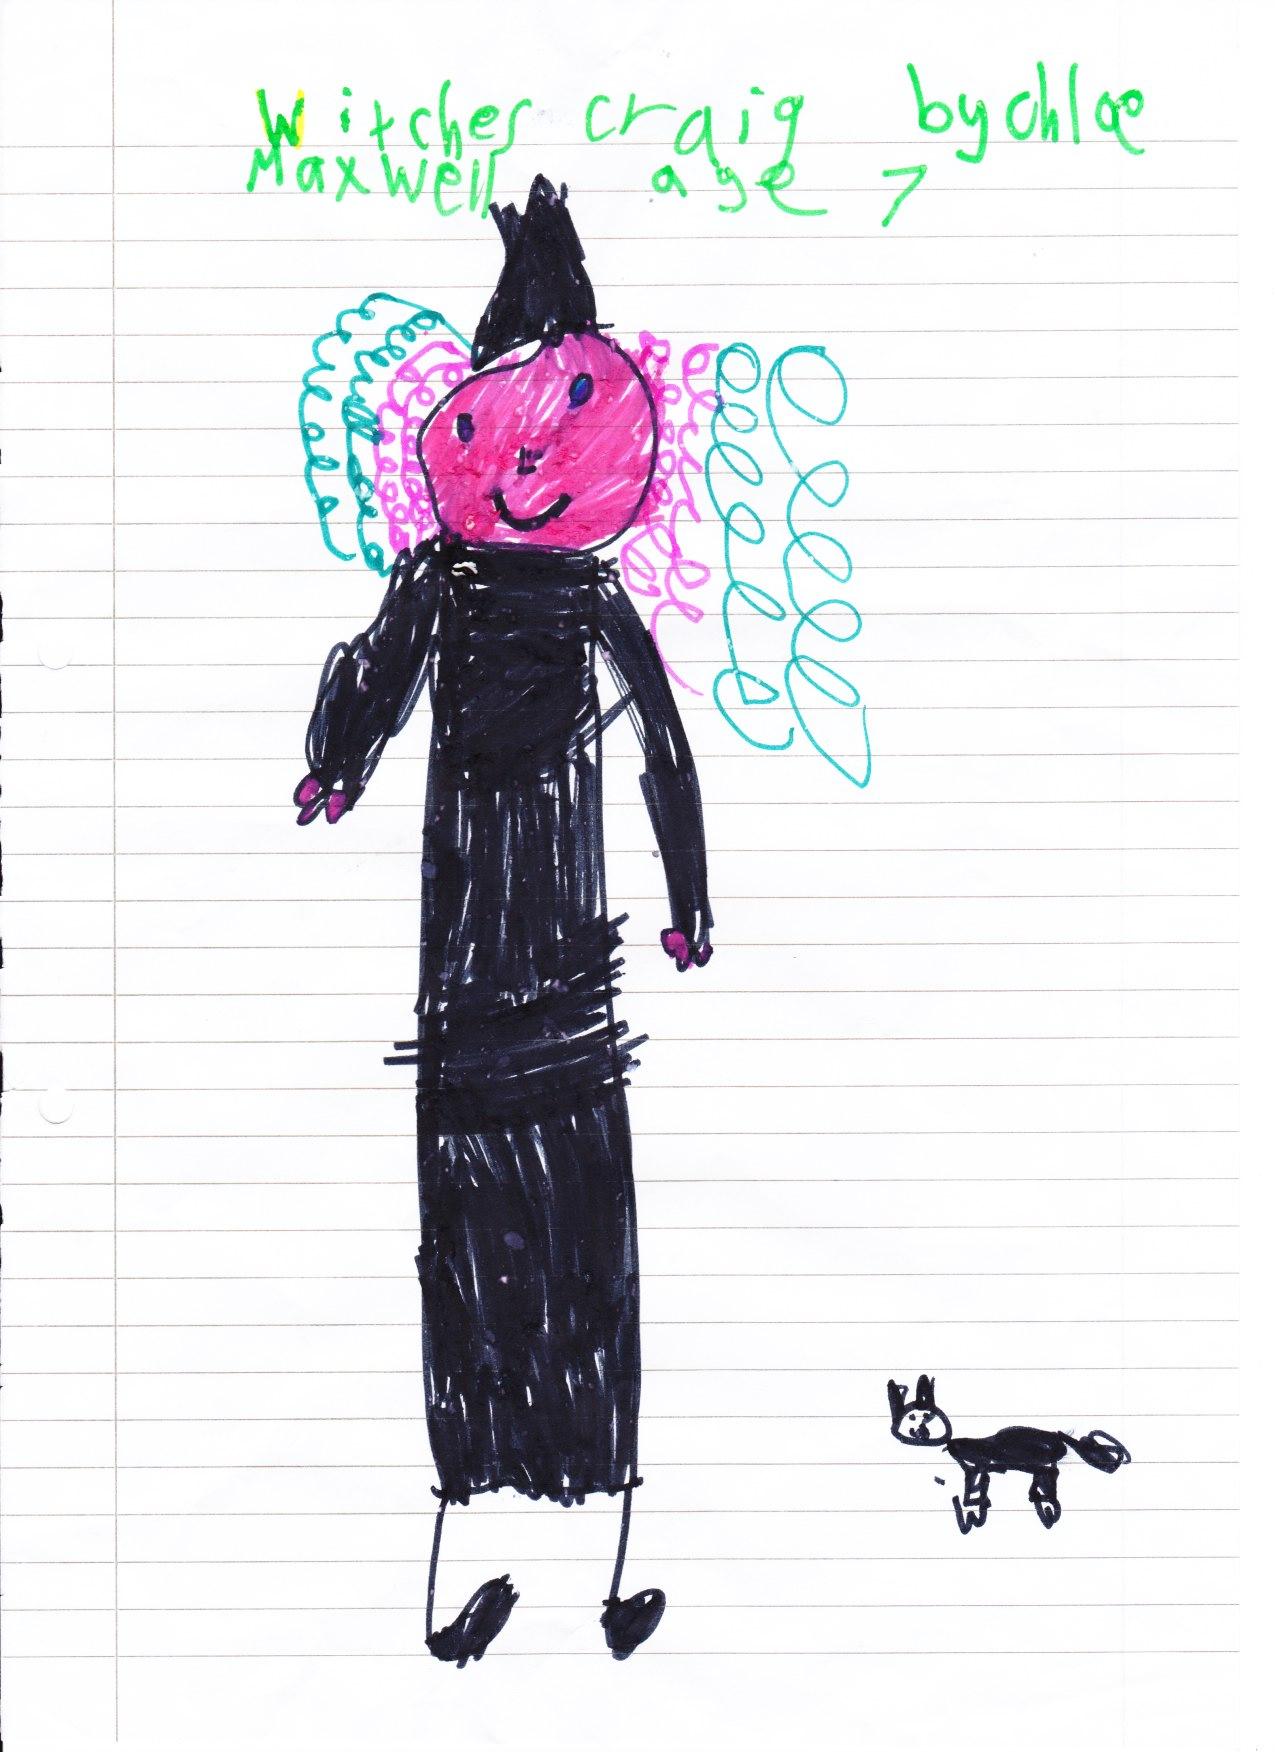 Chloe Maxwell, Age 7